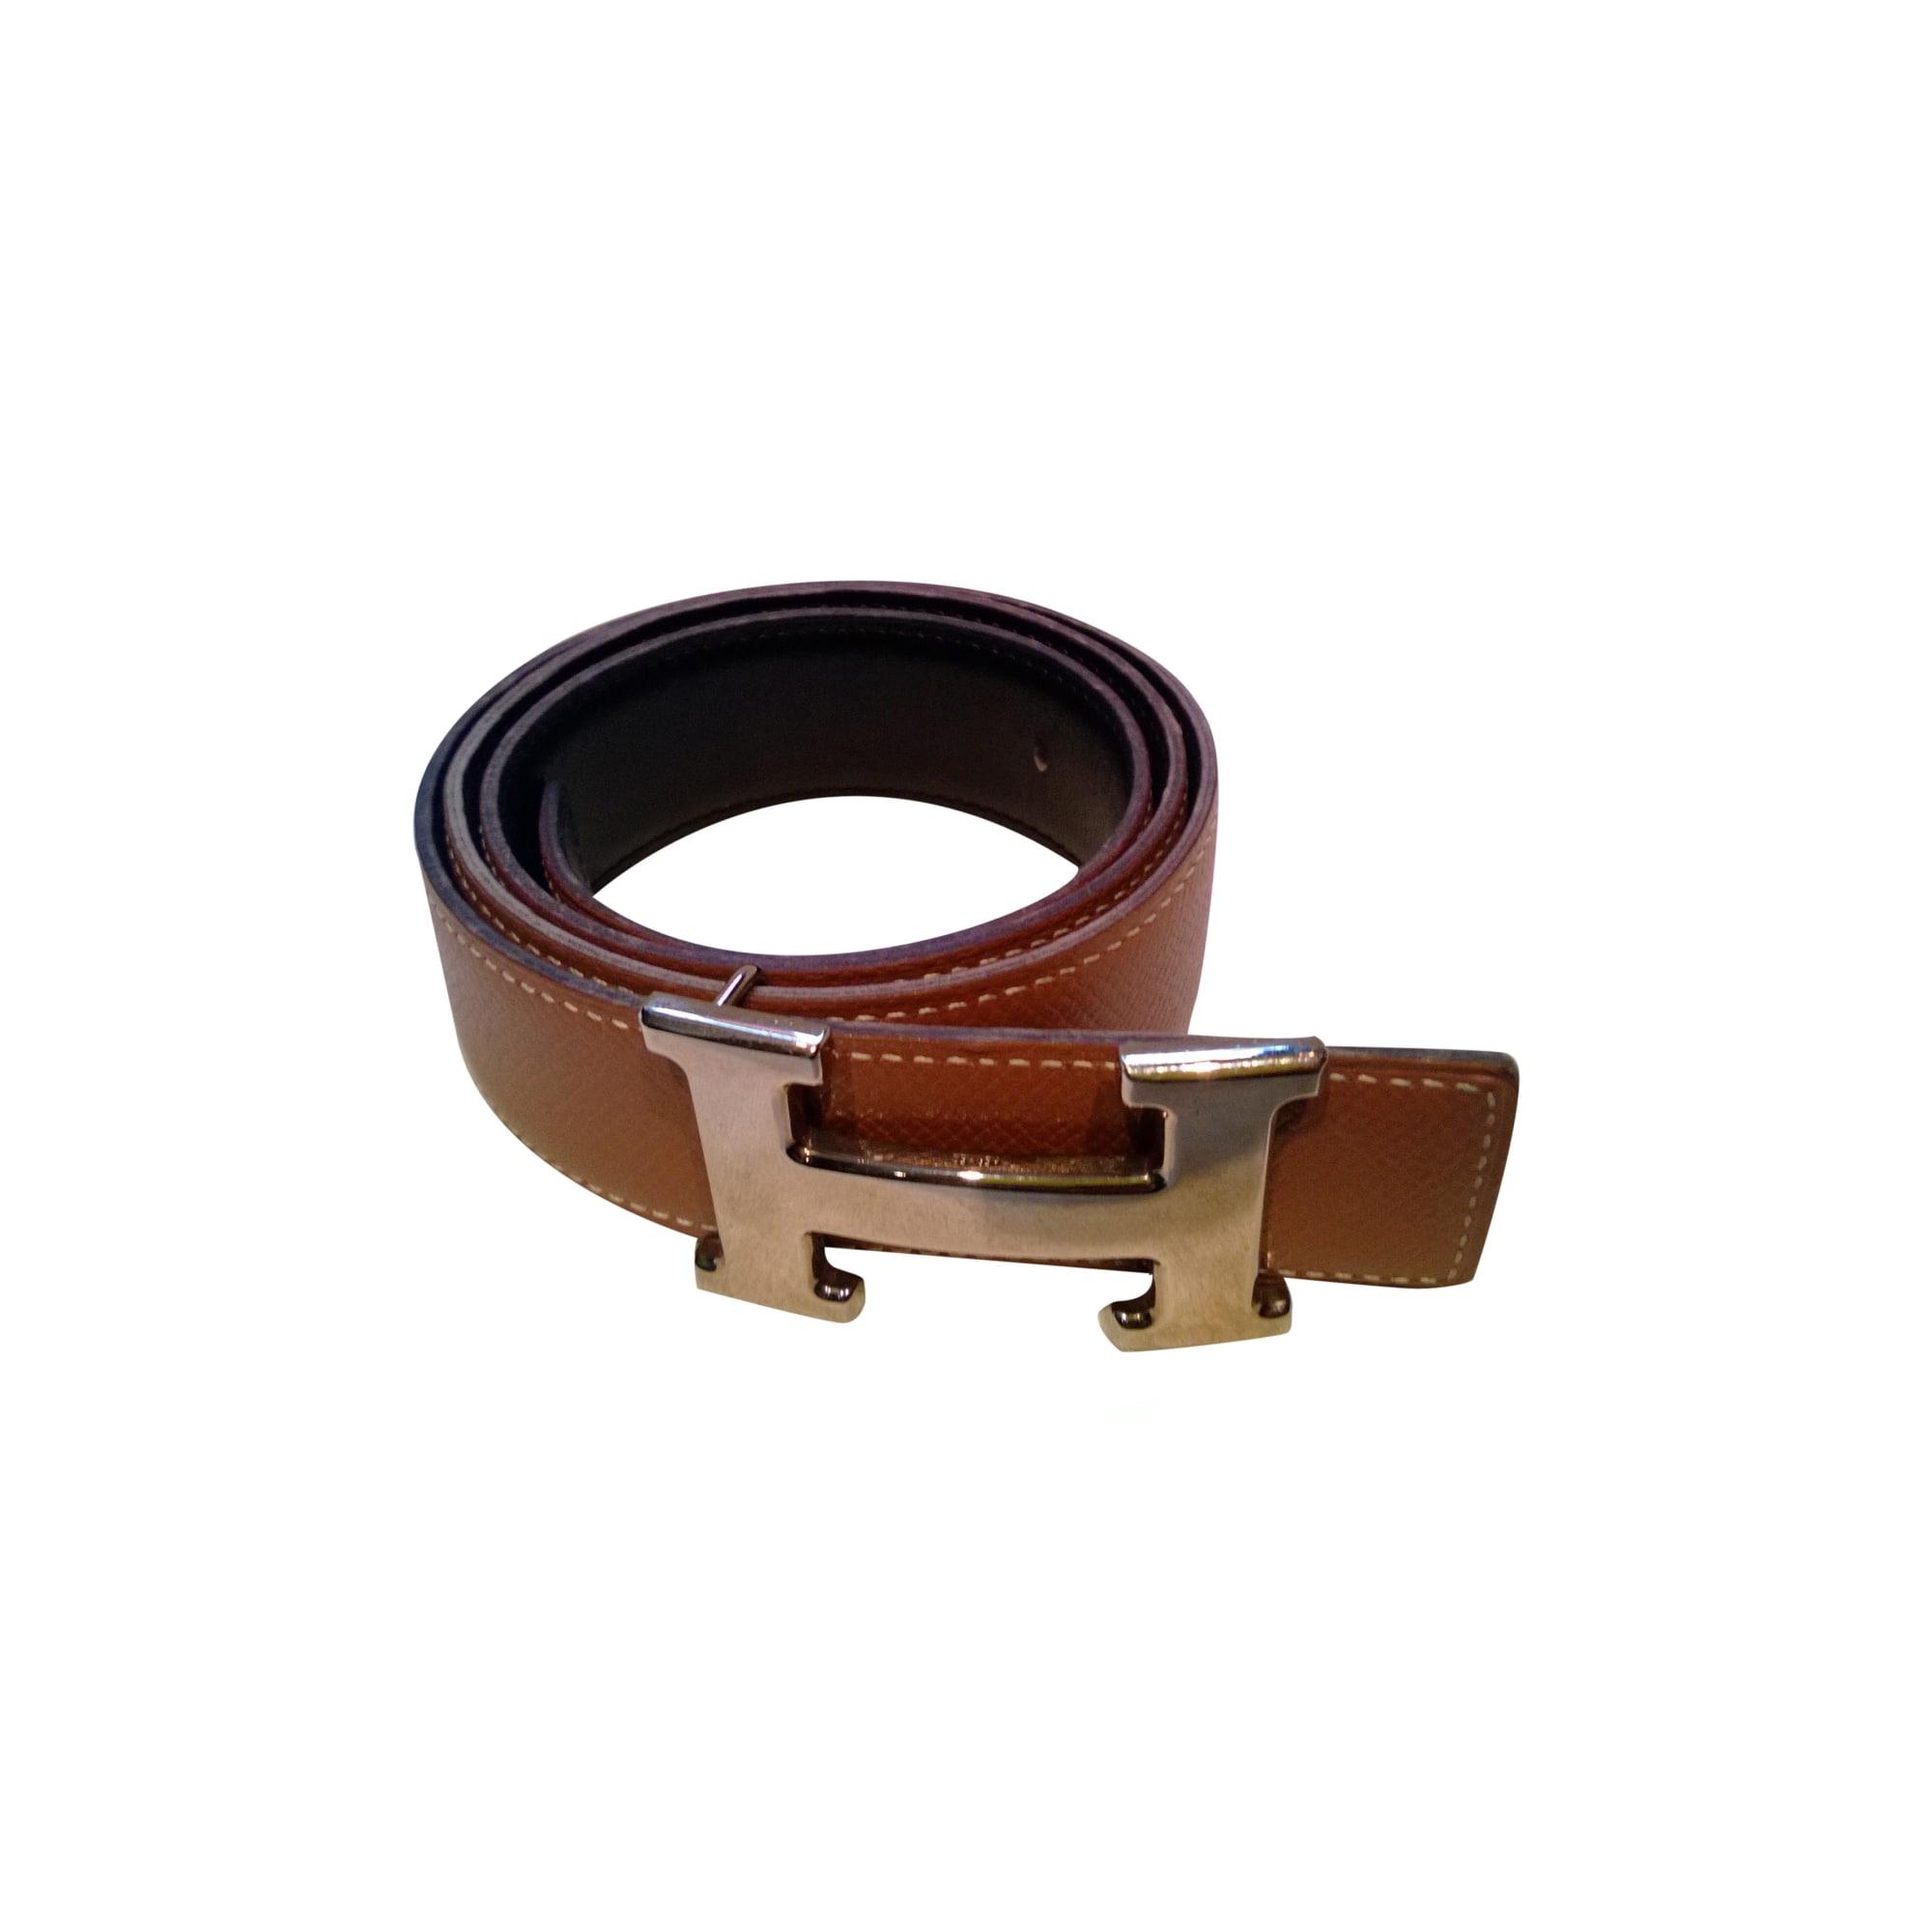 6c968129f6 ceinture hermes marron pas cher